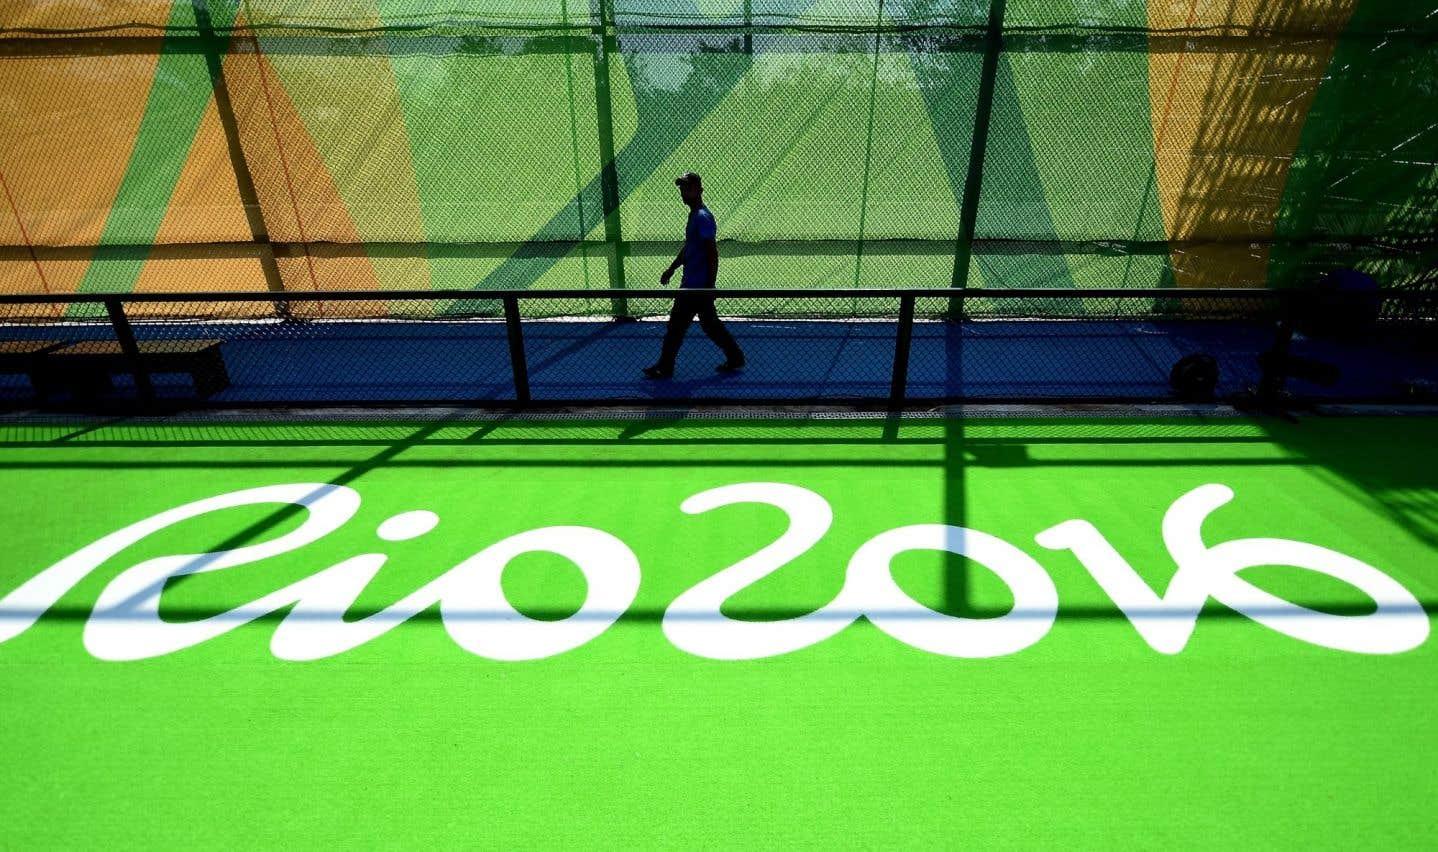 Les installations olympiques de Rio qualifiées d'éléphants blancs